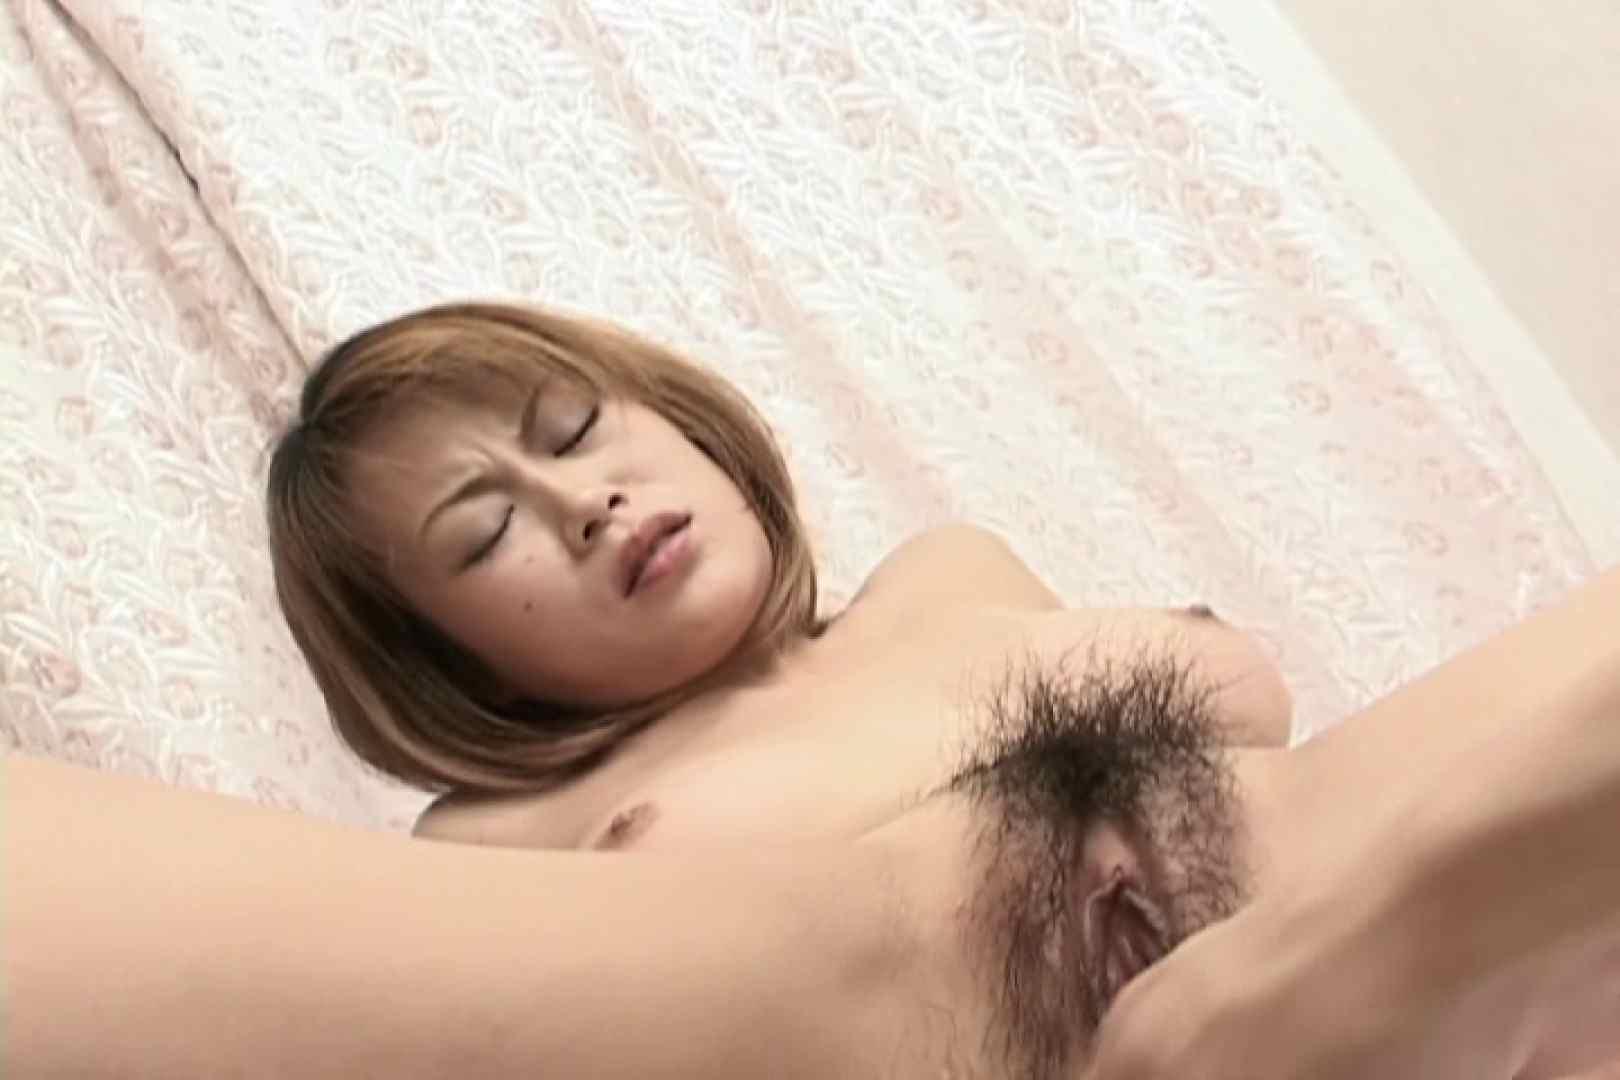 美巨乳の素人嬢とハメ撮りセックス~桜田けいこ~ 娘 エロ画像 42連発 19